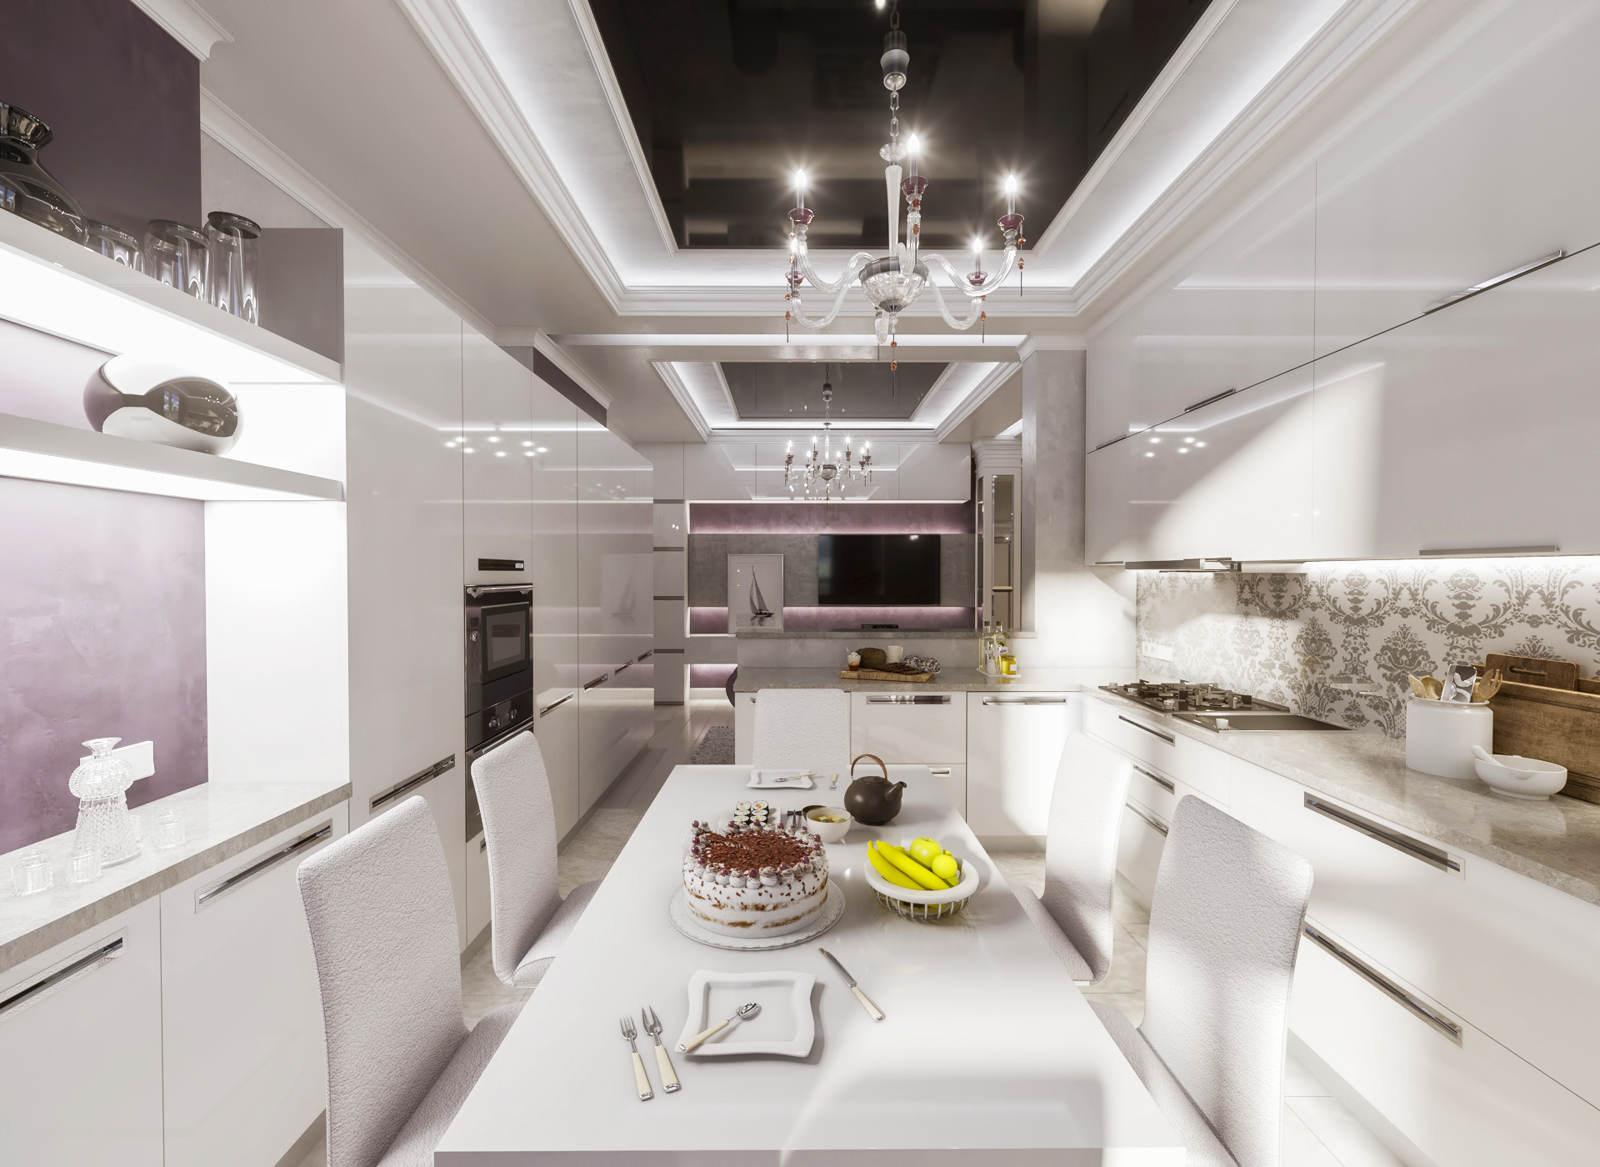 Дизайн кухни в квартире Киев центр, старый город современная класика, винтаж